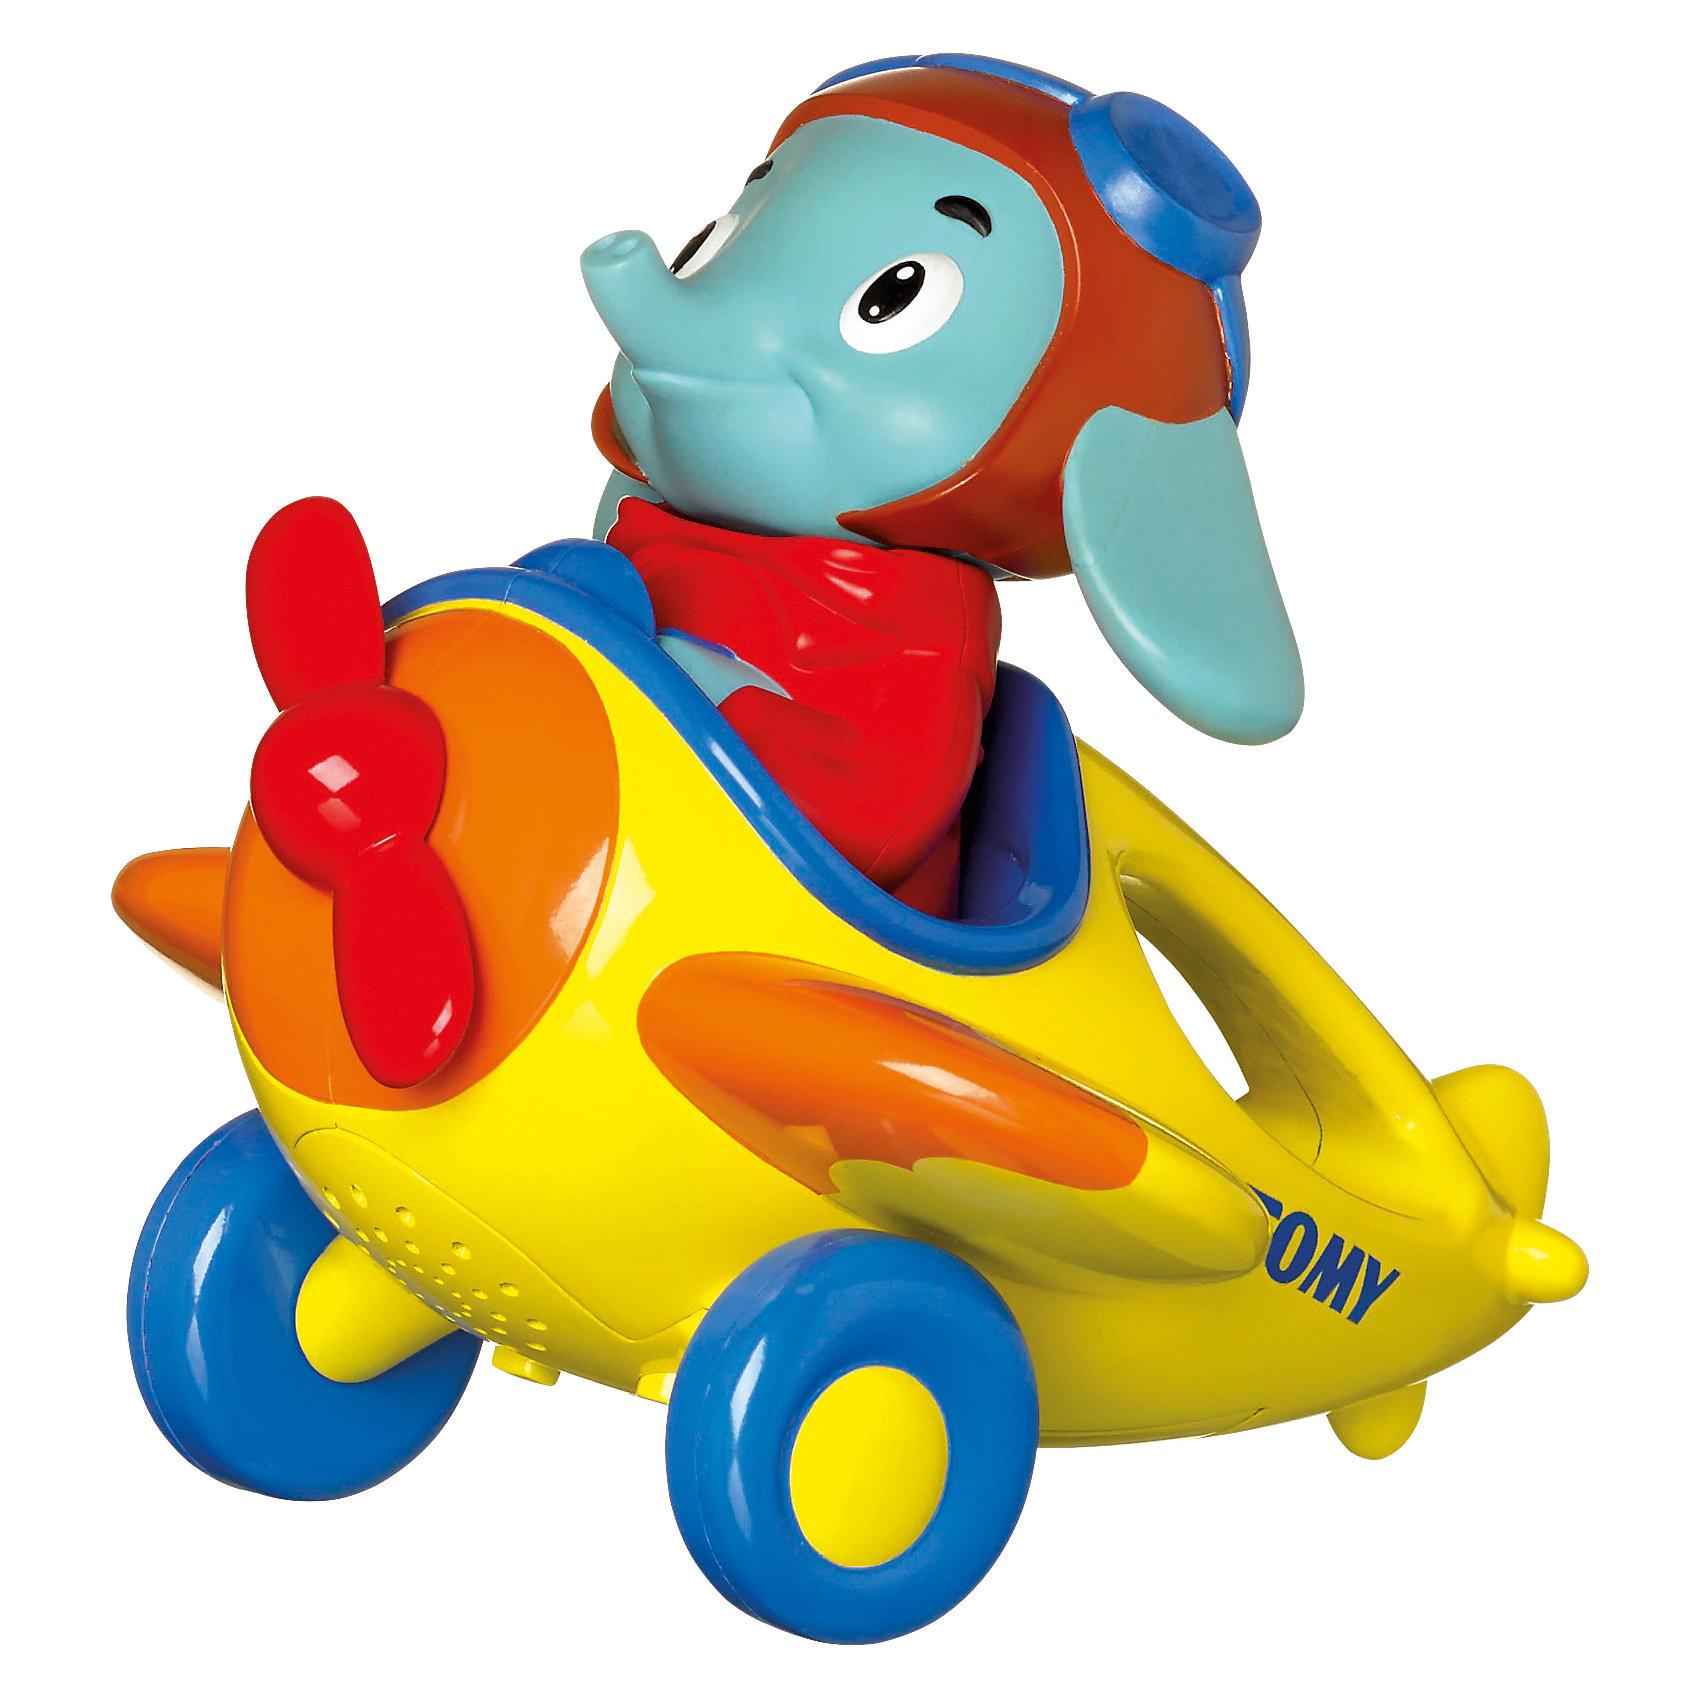 TOMY Игрушка Веселые виражи летчика Люка, TOMY игрушки интерактивные tomy интерактивная игрушка веселые виражи летчика люка